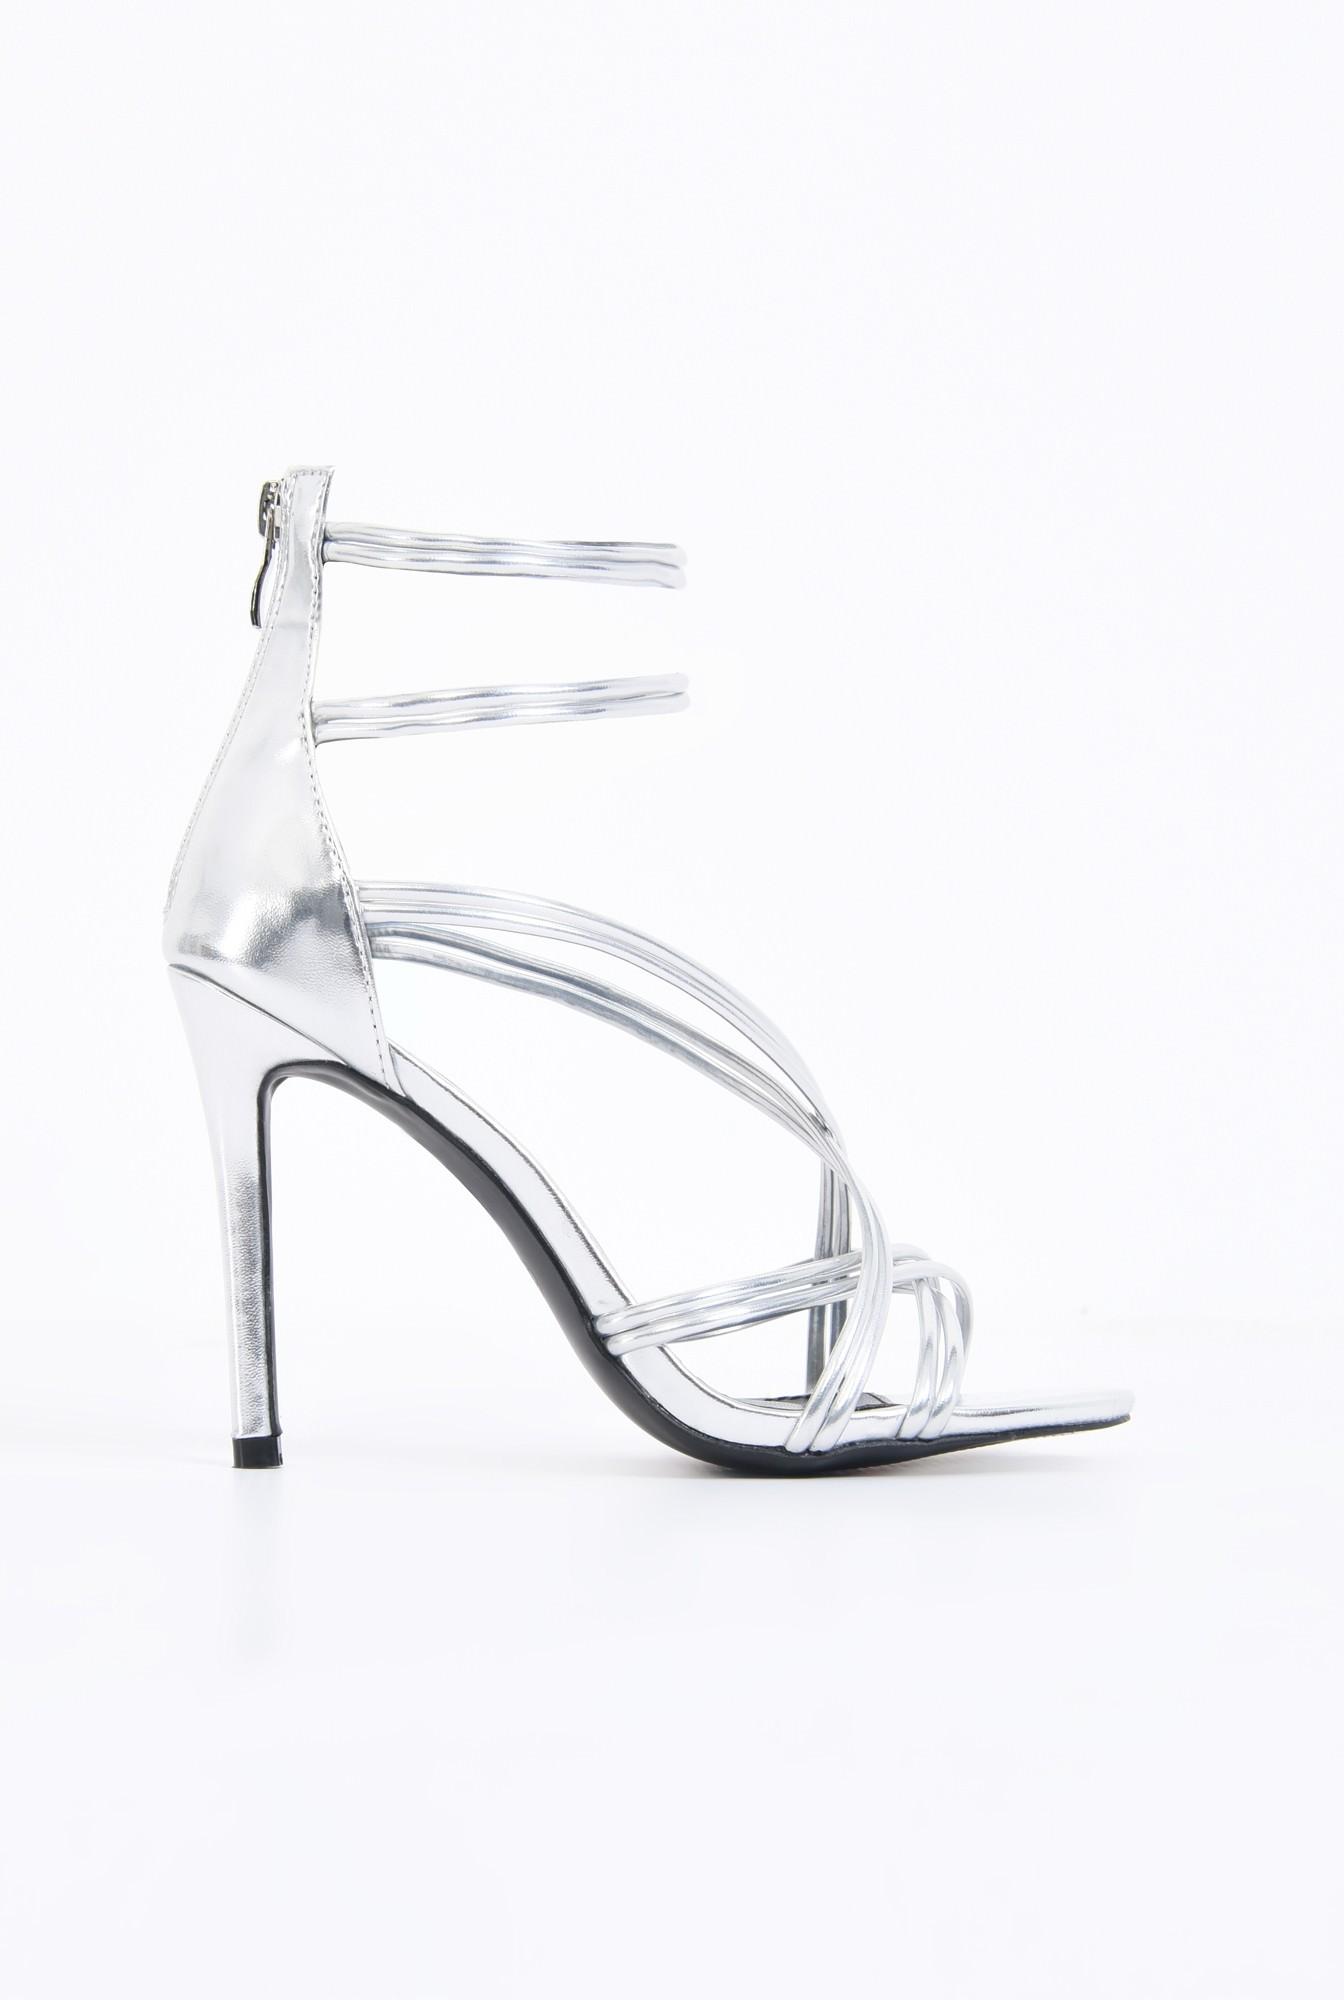 sandale elegante, argintii, stiletto